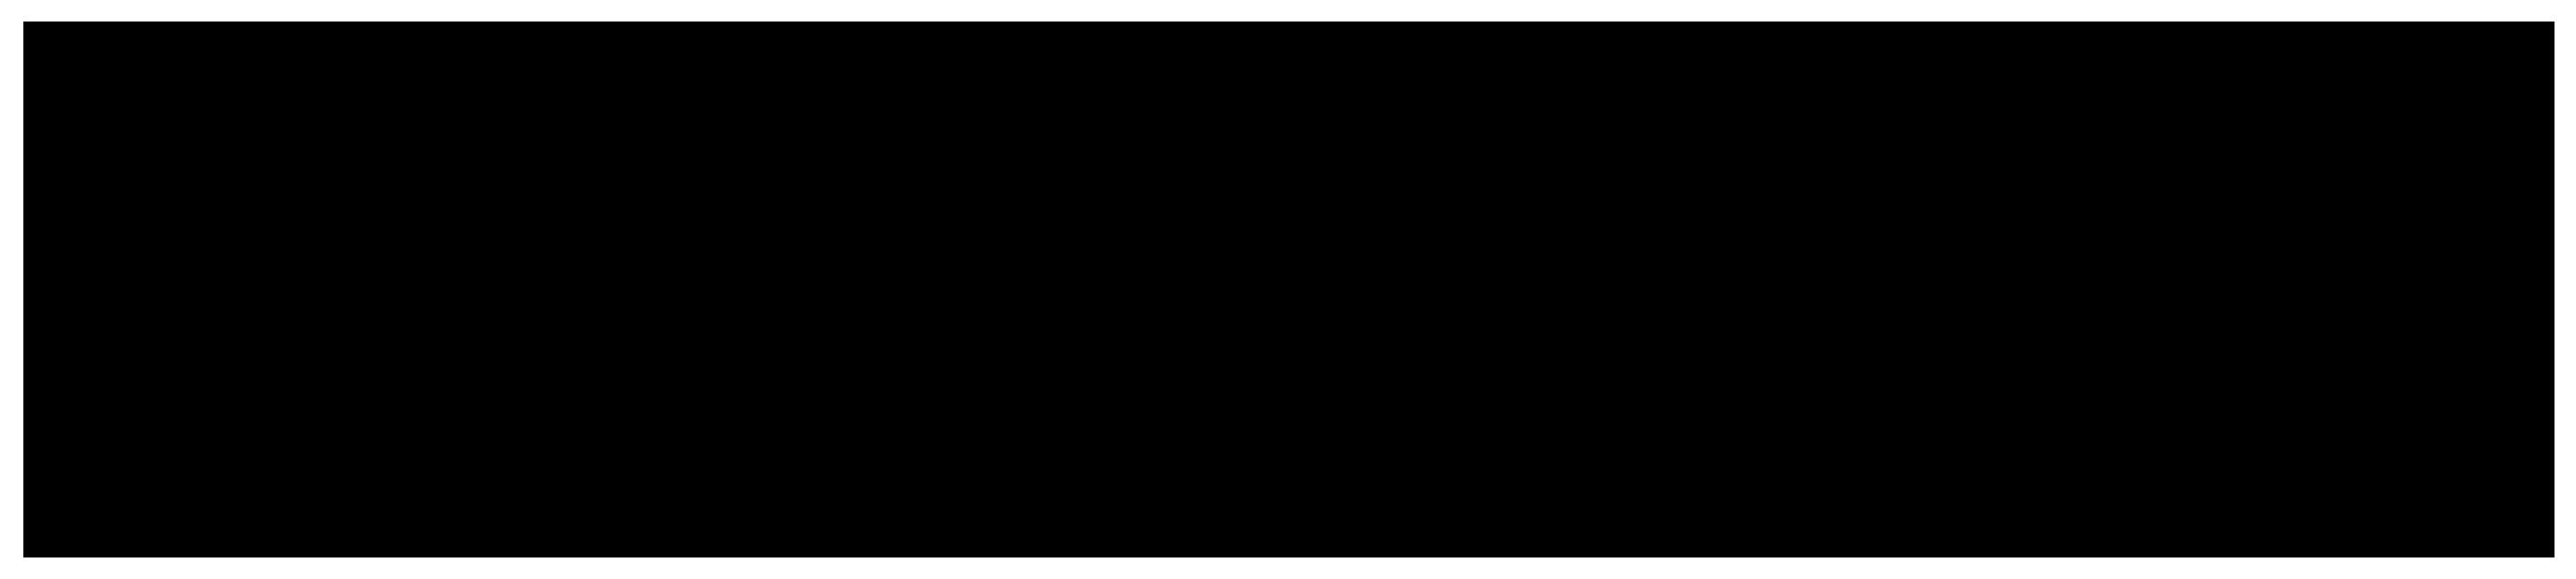 Ramendan